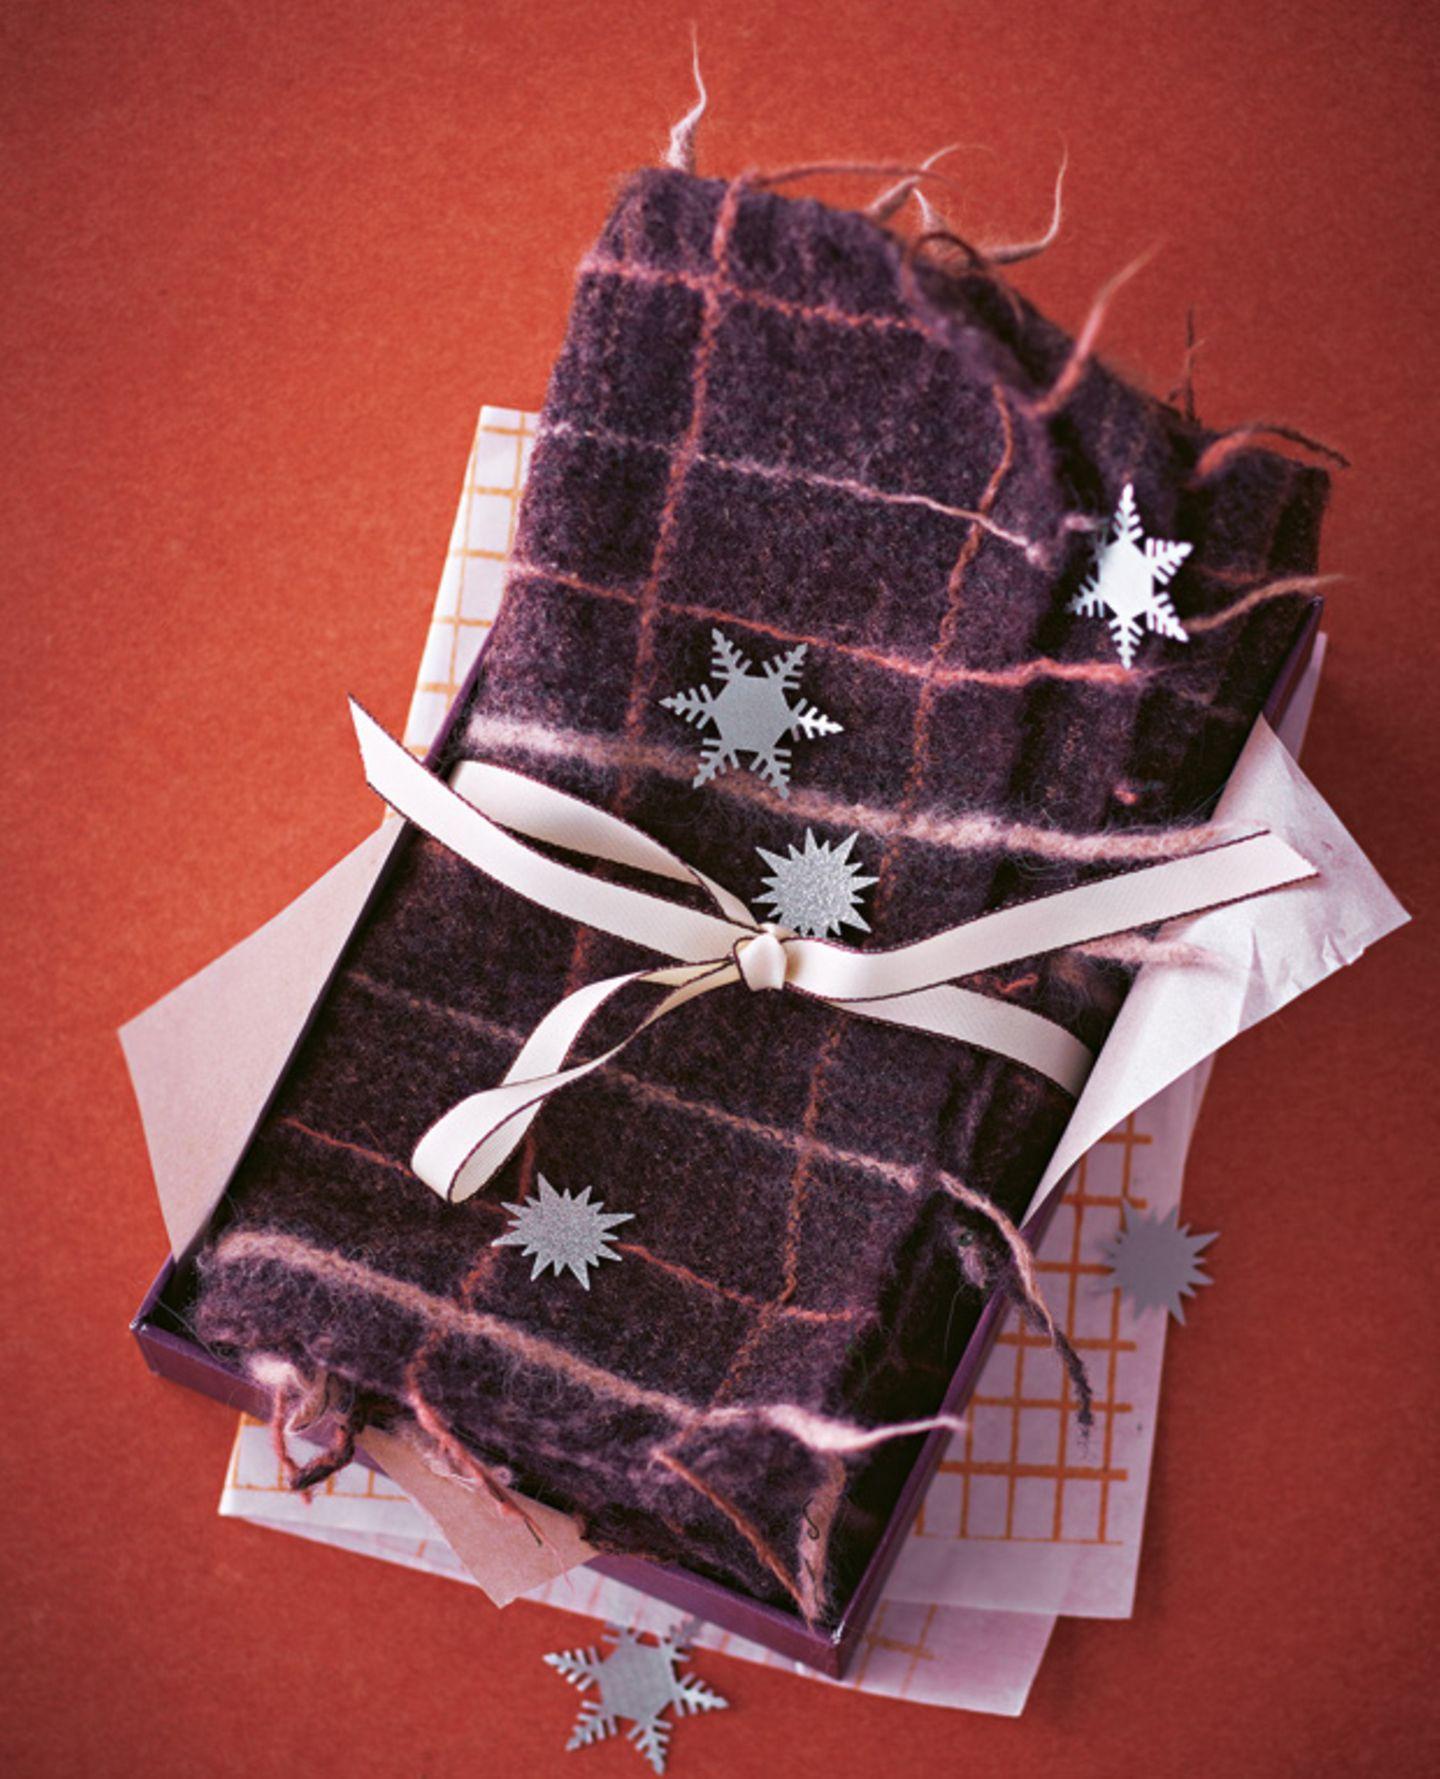 Wollschal filzen - eine Anleitung zum Nachmachen